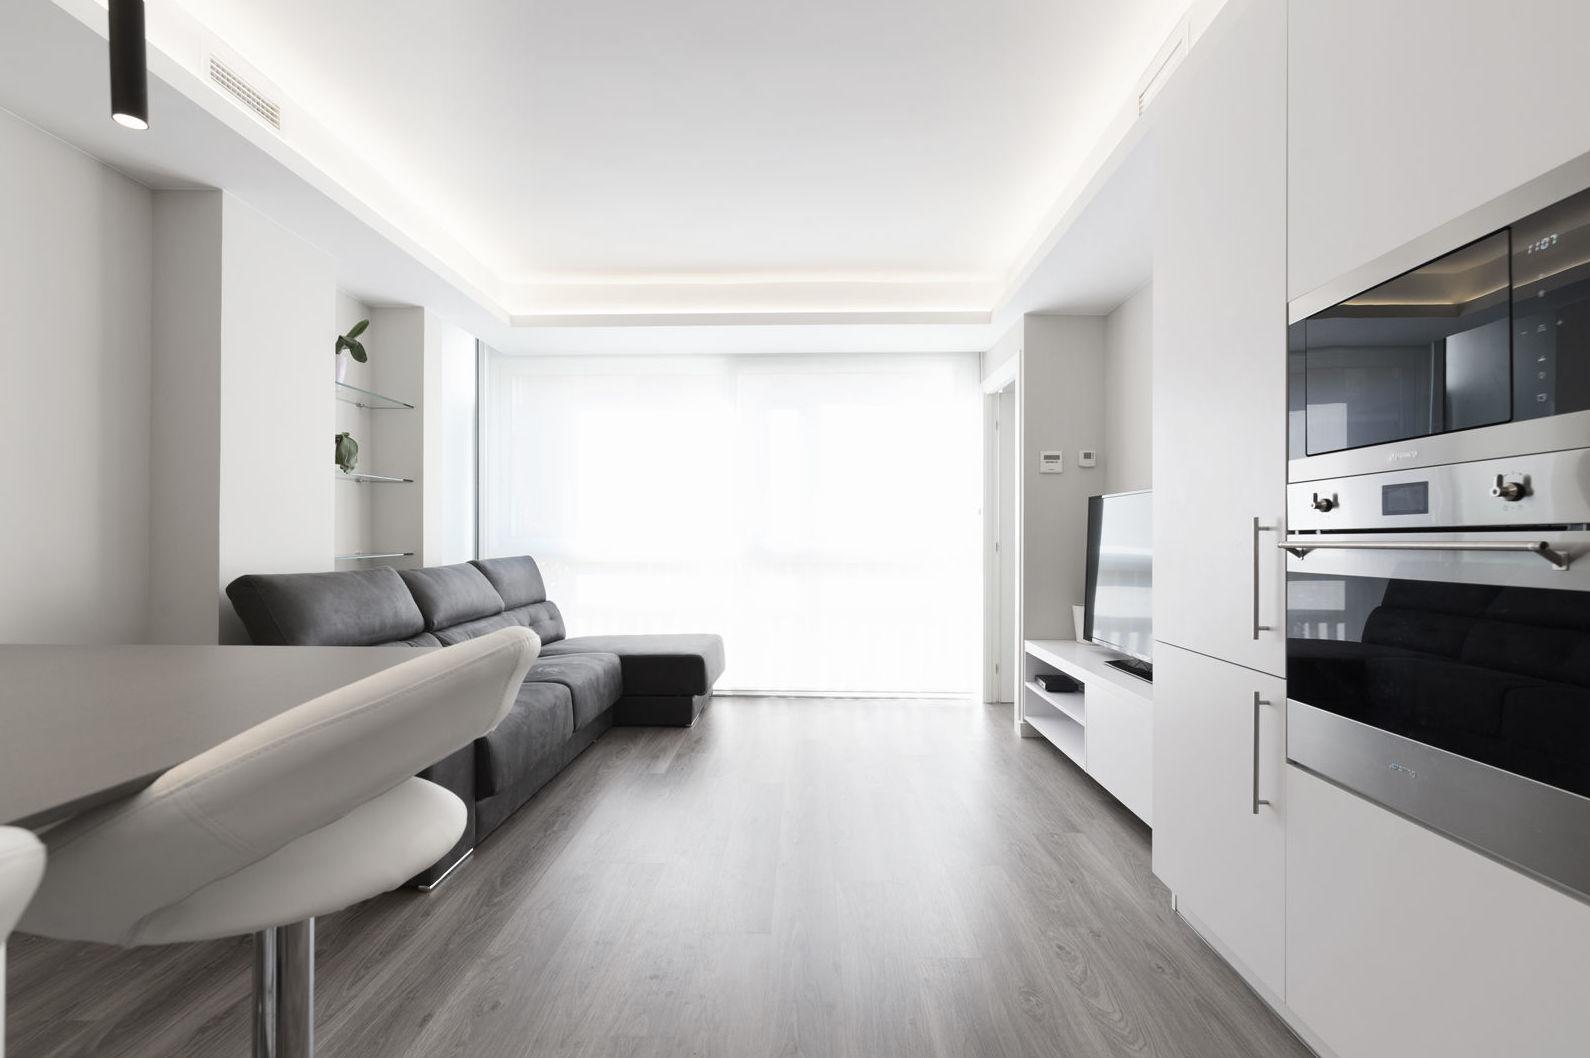 Proyectos de interiorismo en exaimple Barcelona